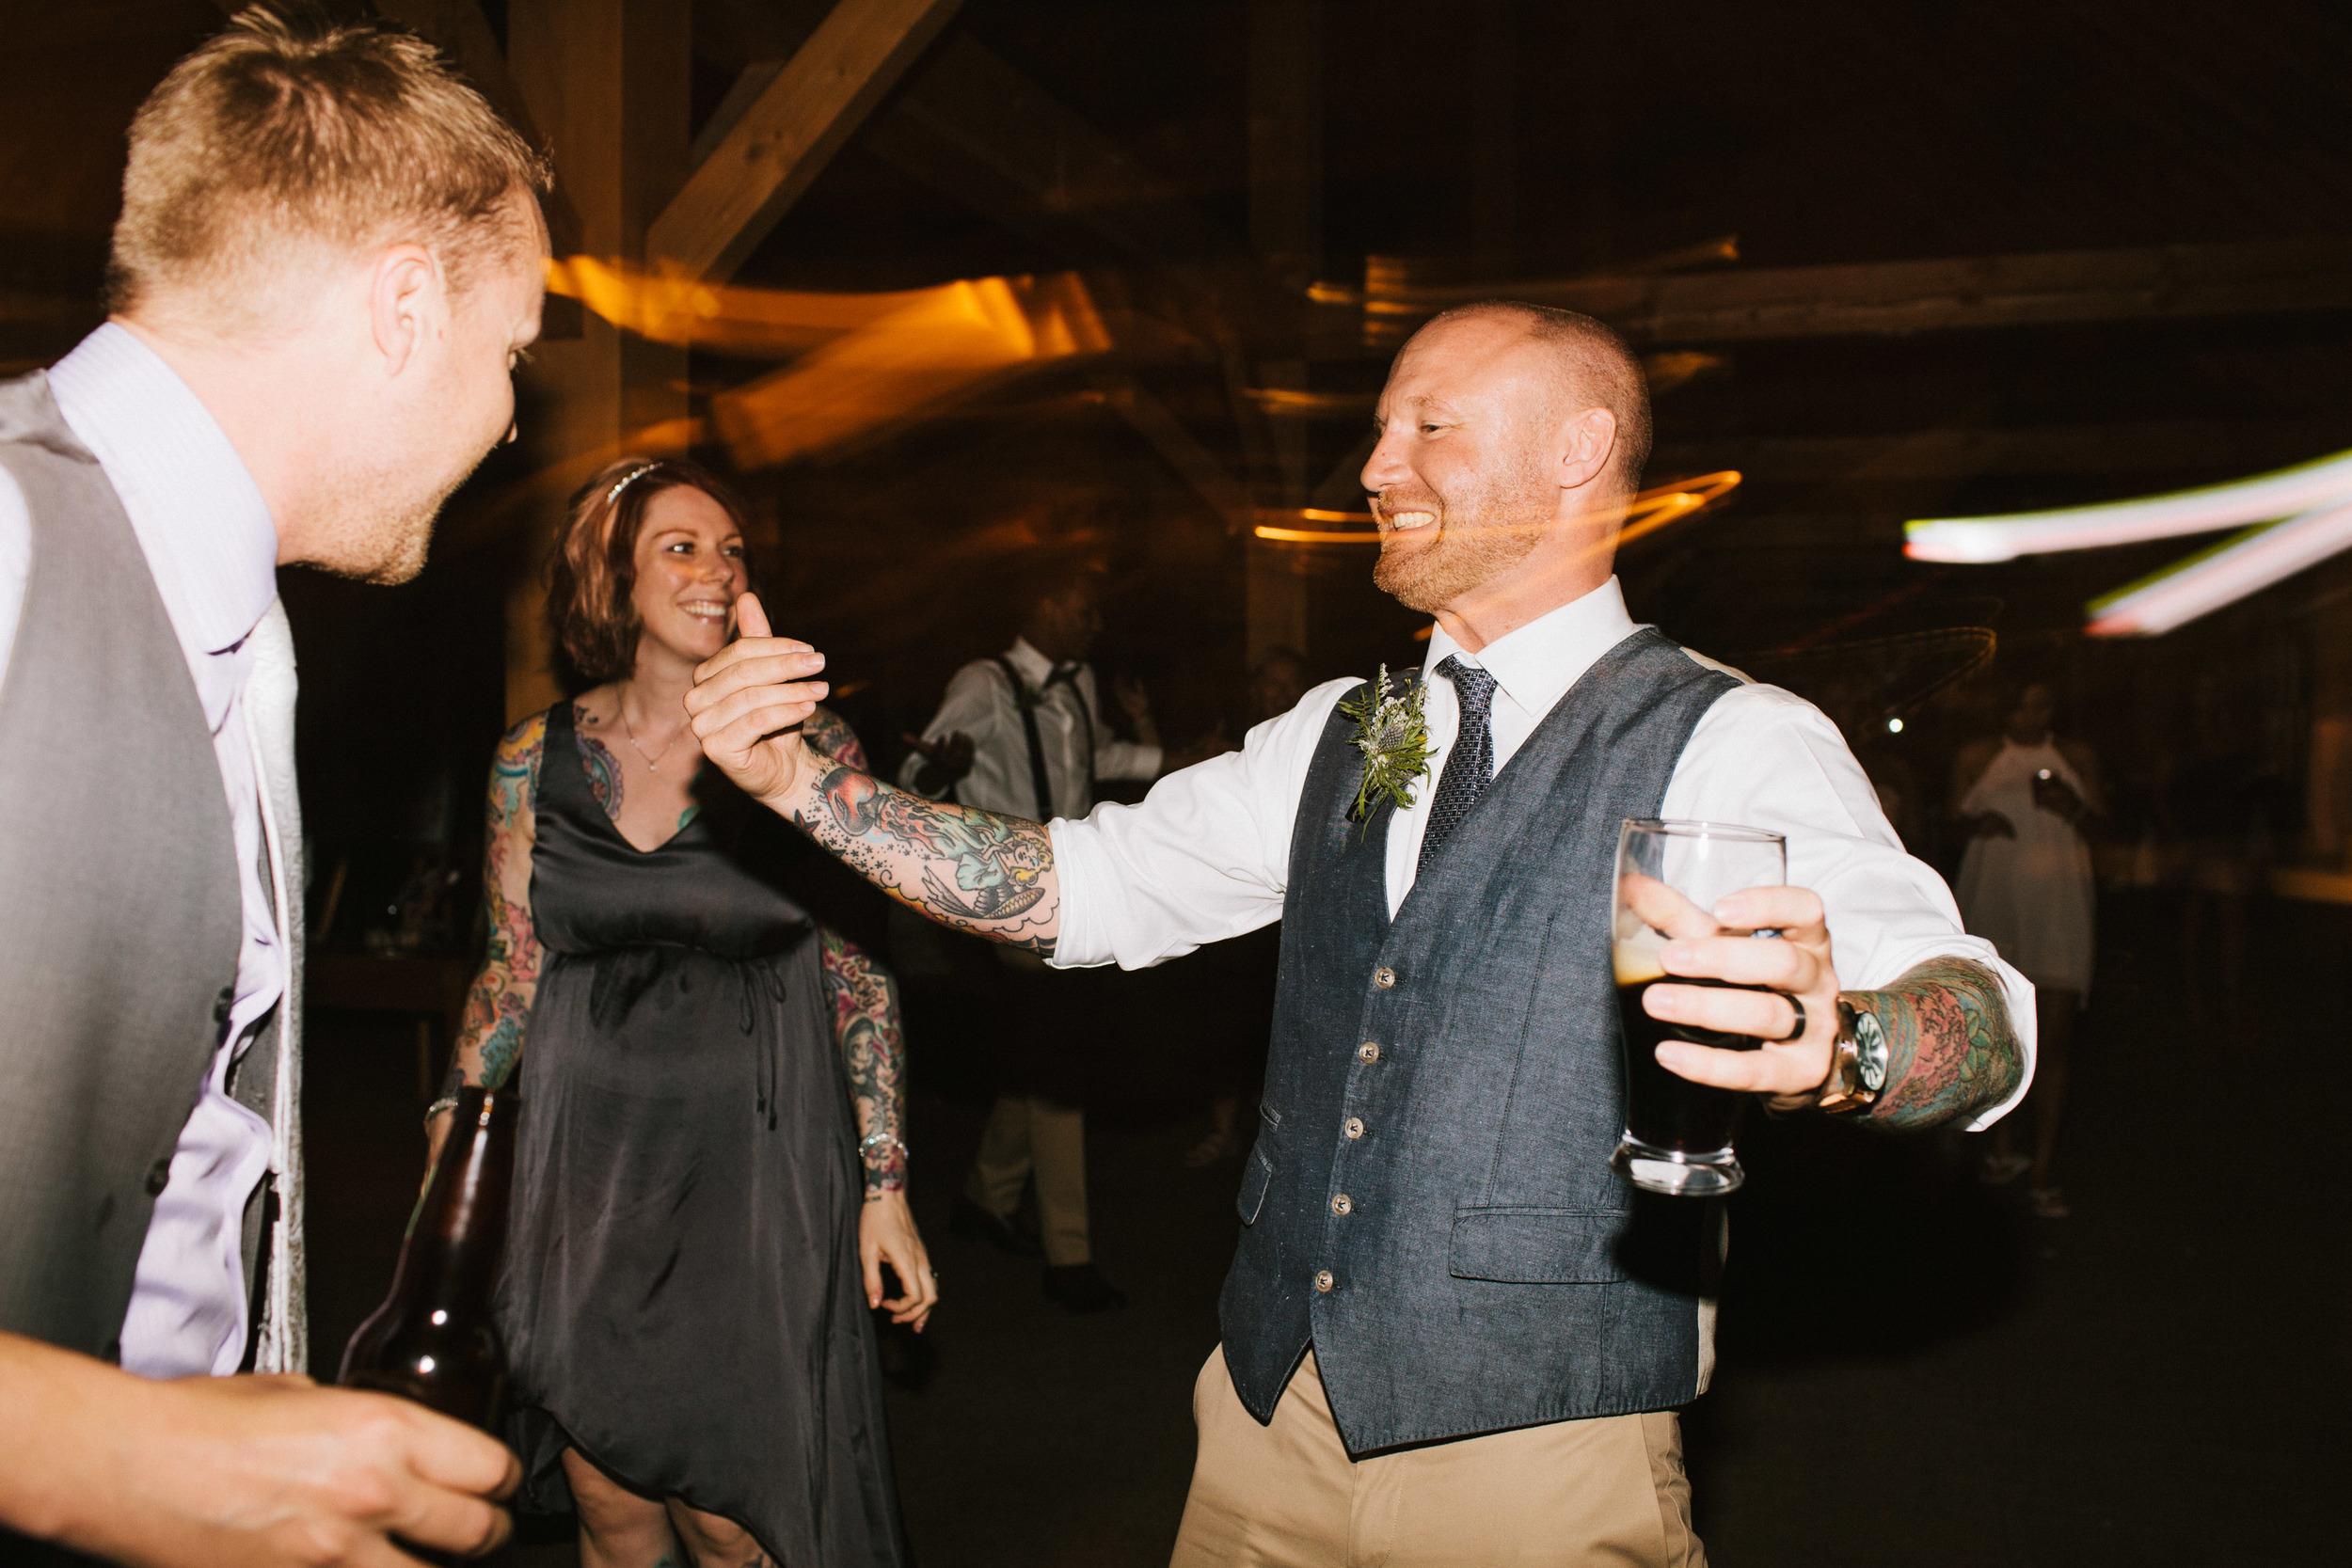 michael-rousseau-photography-shannae-ingleton-wedding-sean-craigleith-ski-club-wedding085.jpg